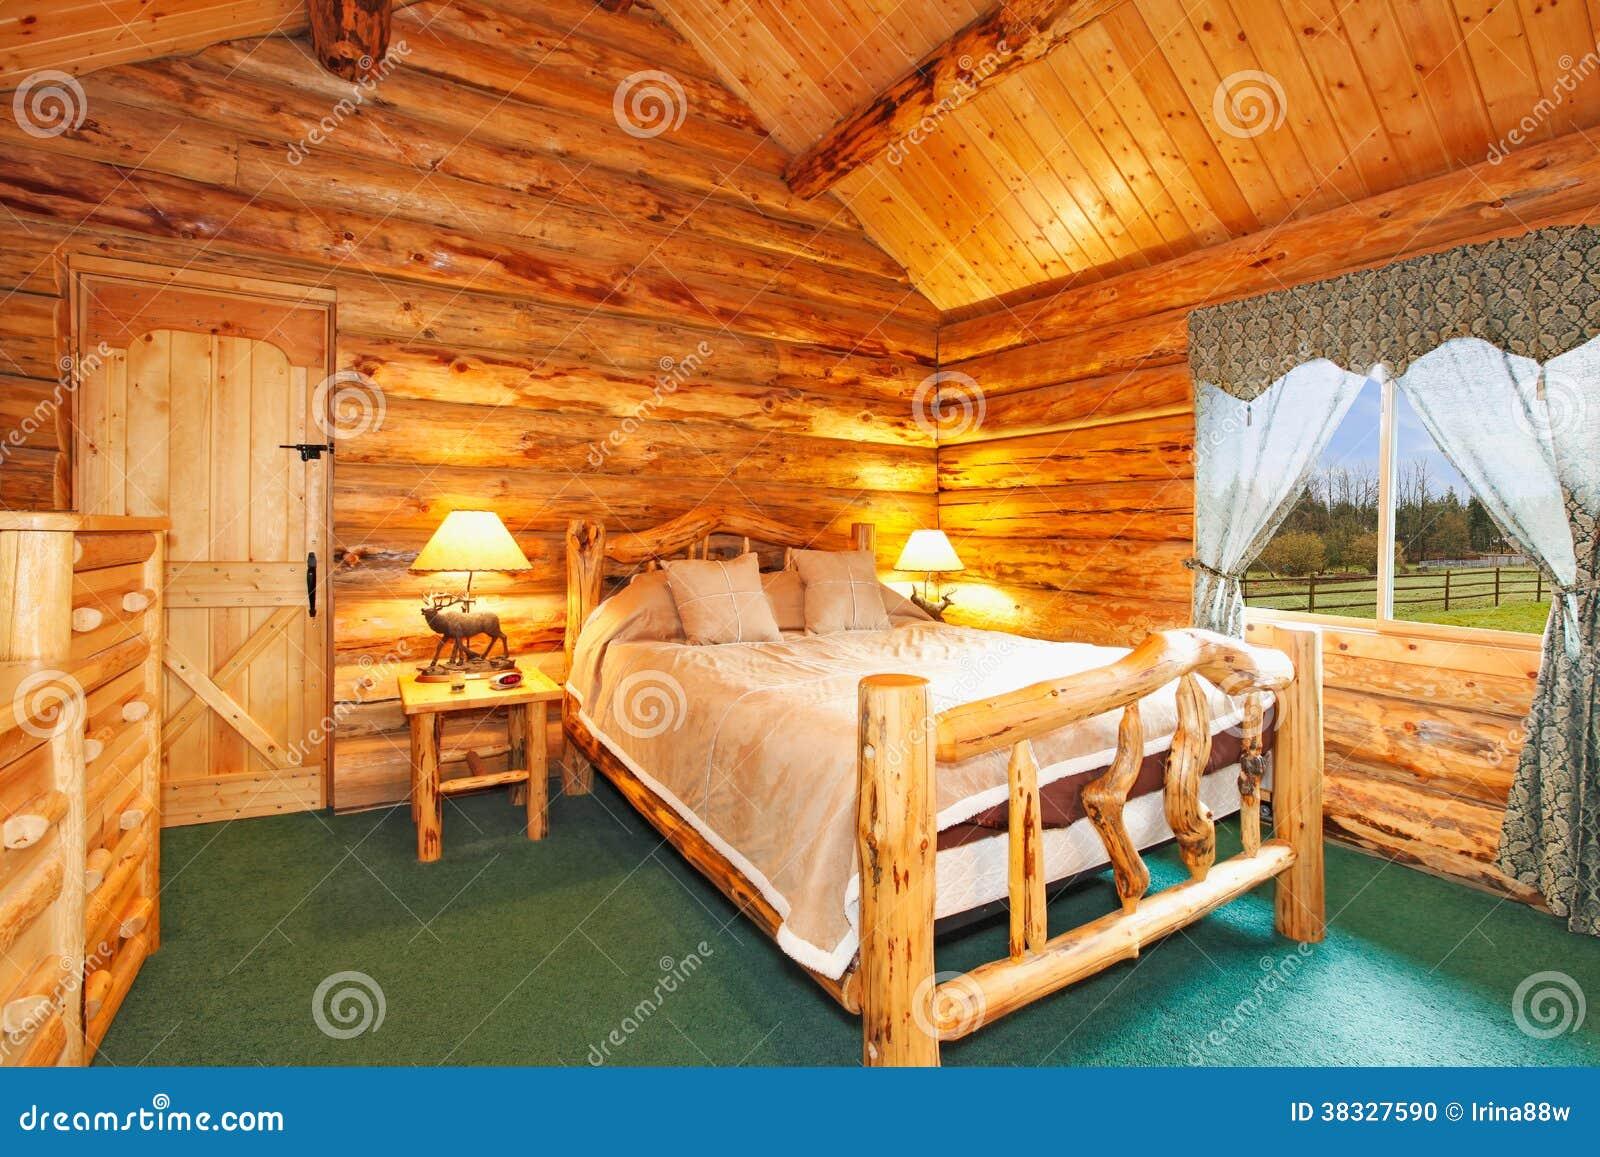 Cozy bedroom at night - Bed Bedroom Cabin Carpet Cozy